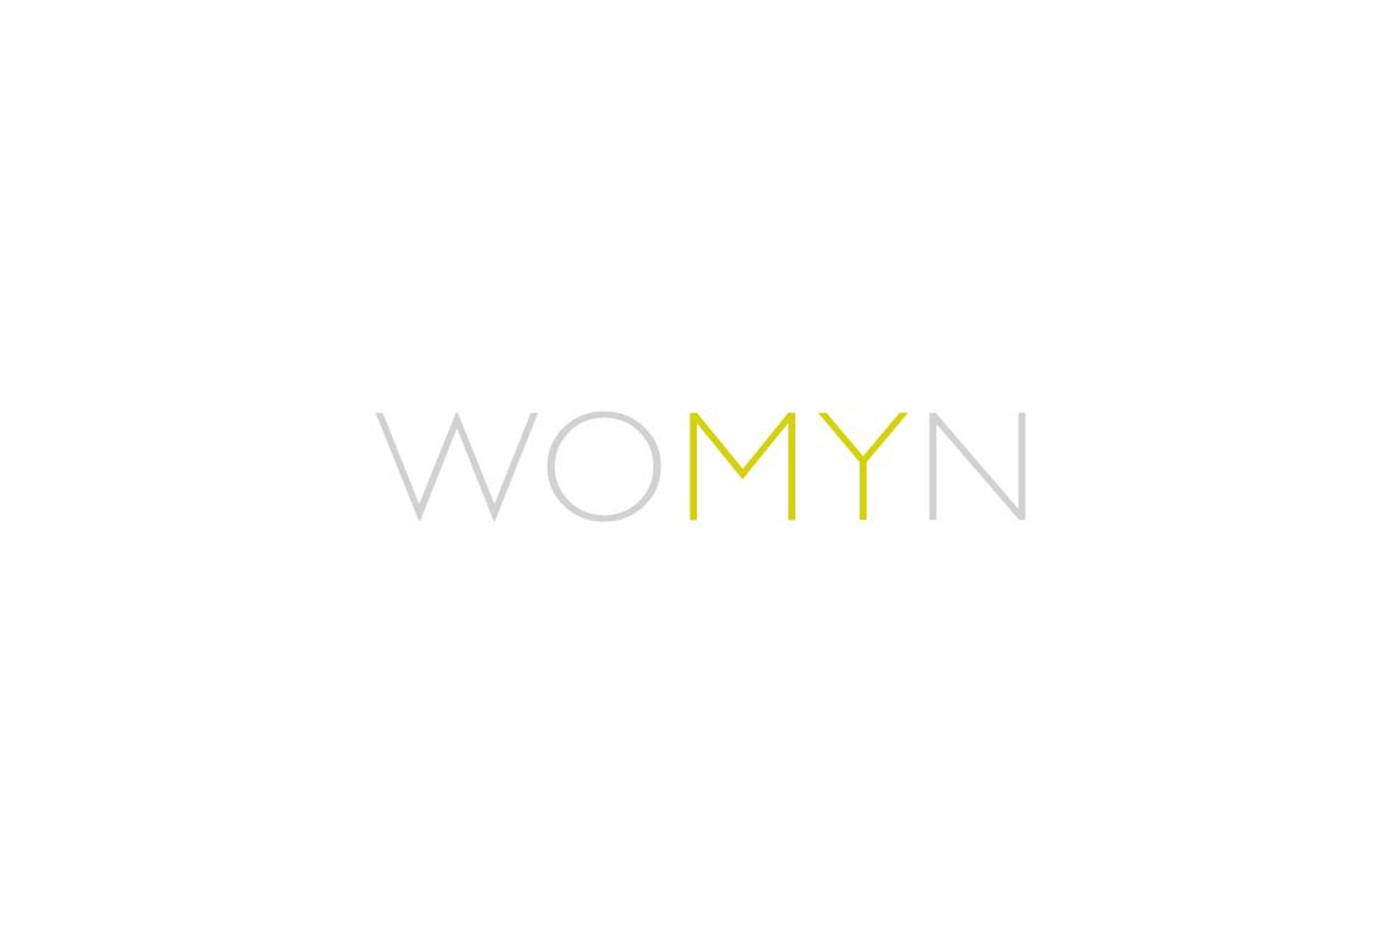 LOGO-WOMYN1-3000x2000.jpg